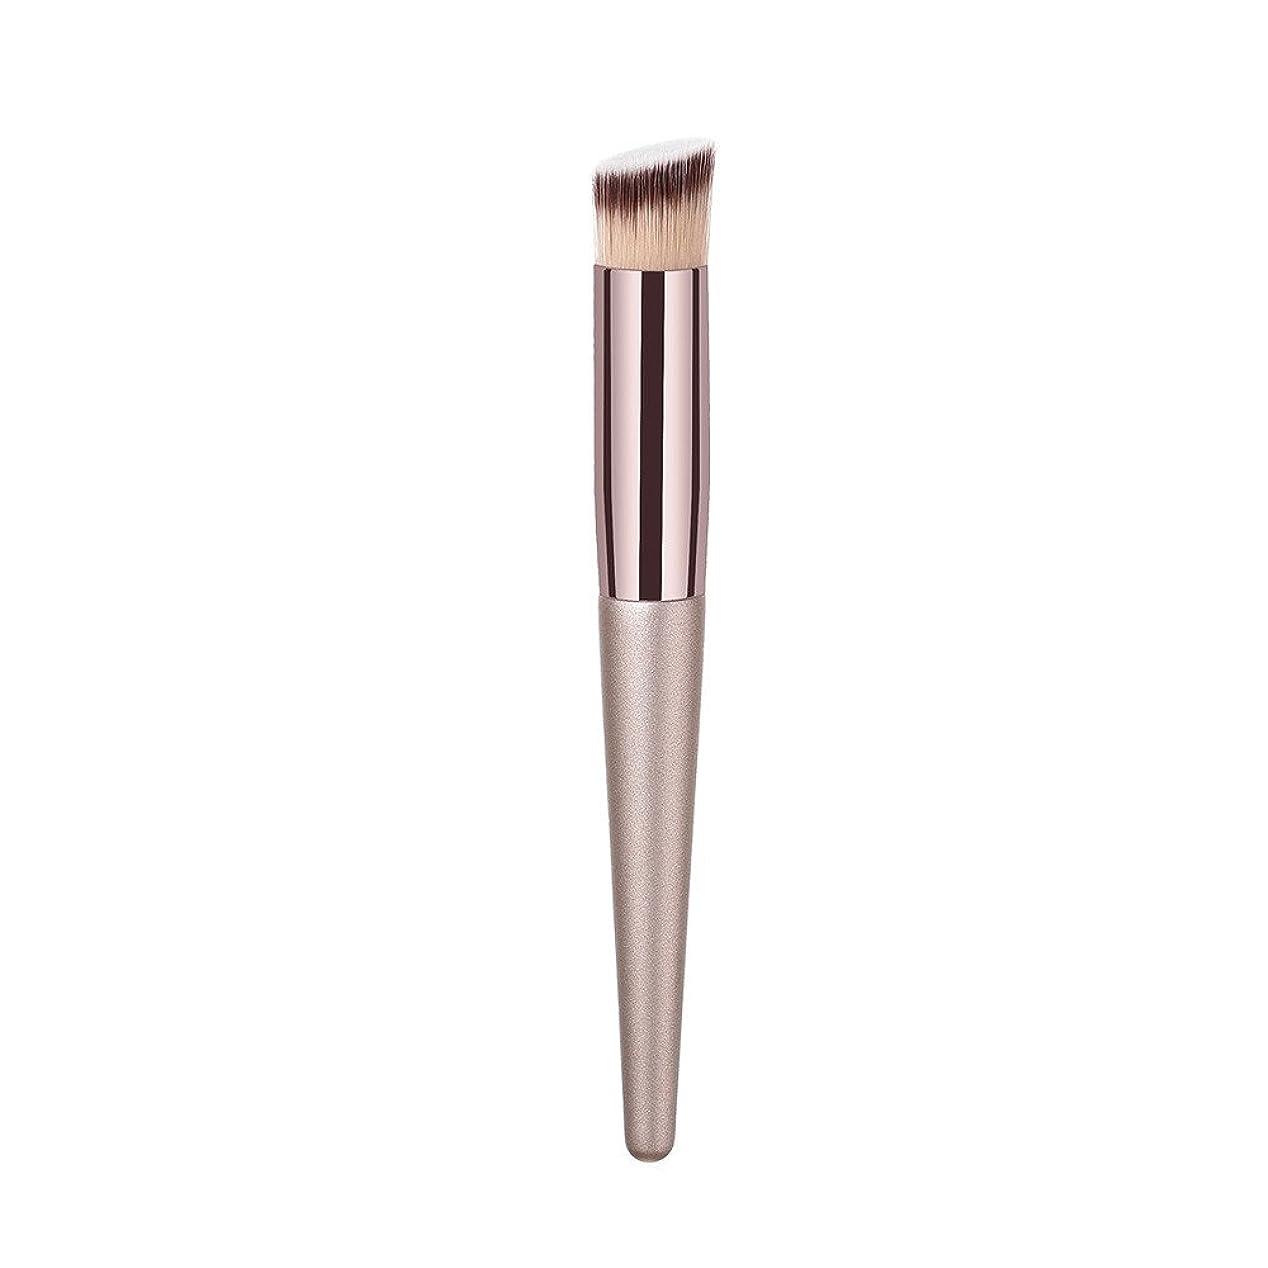 仮称く気をつけて笑え熊 化粧筆 化粧品ZZ-10-A-2 化粧品 マック 化粧 ファンデーション ブラシ 抜群の粉含み力 高級天然繊維